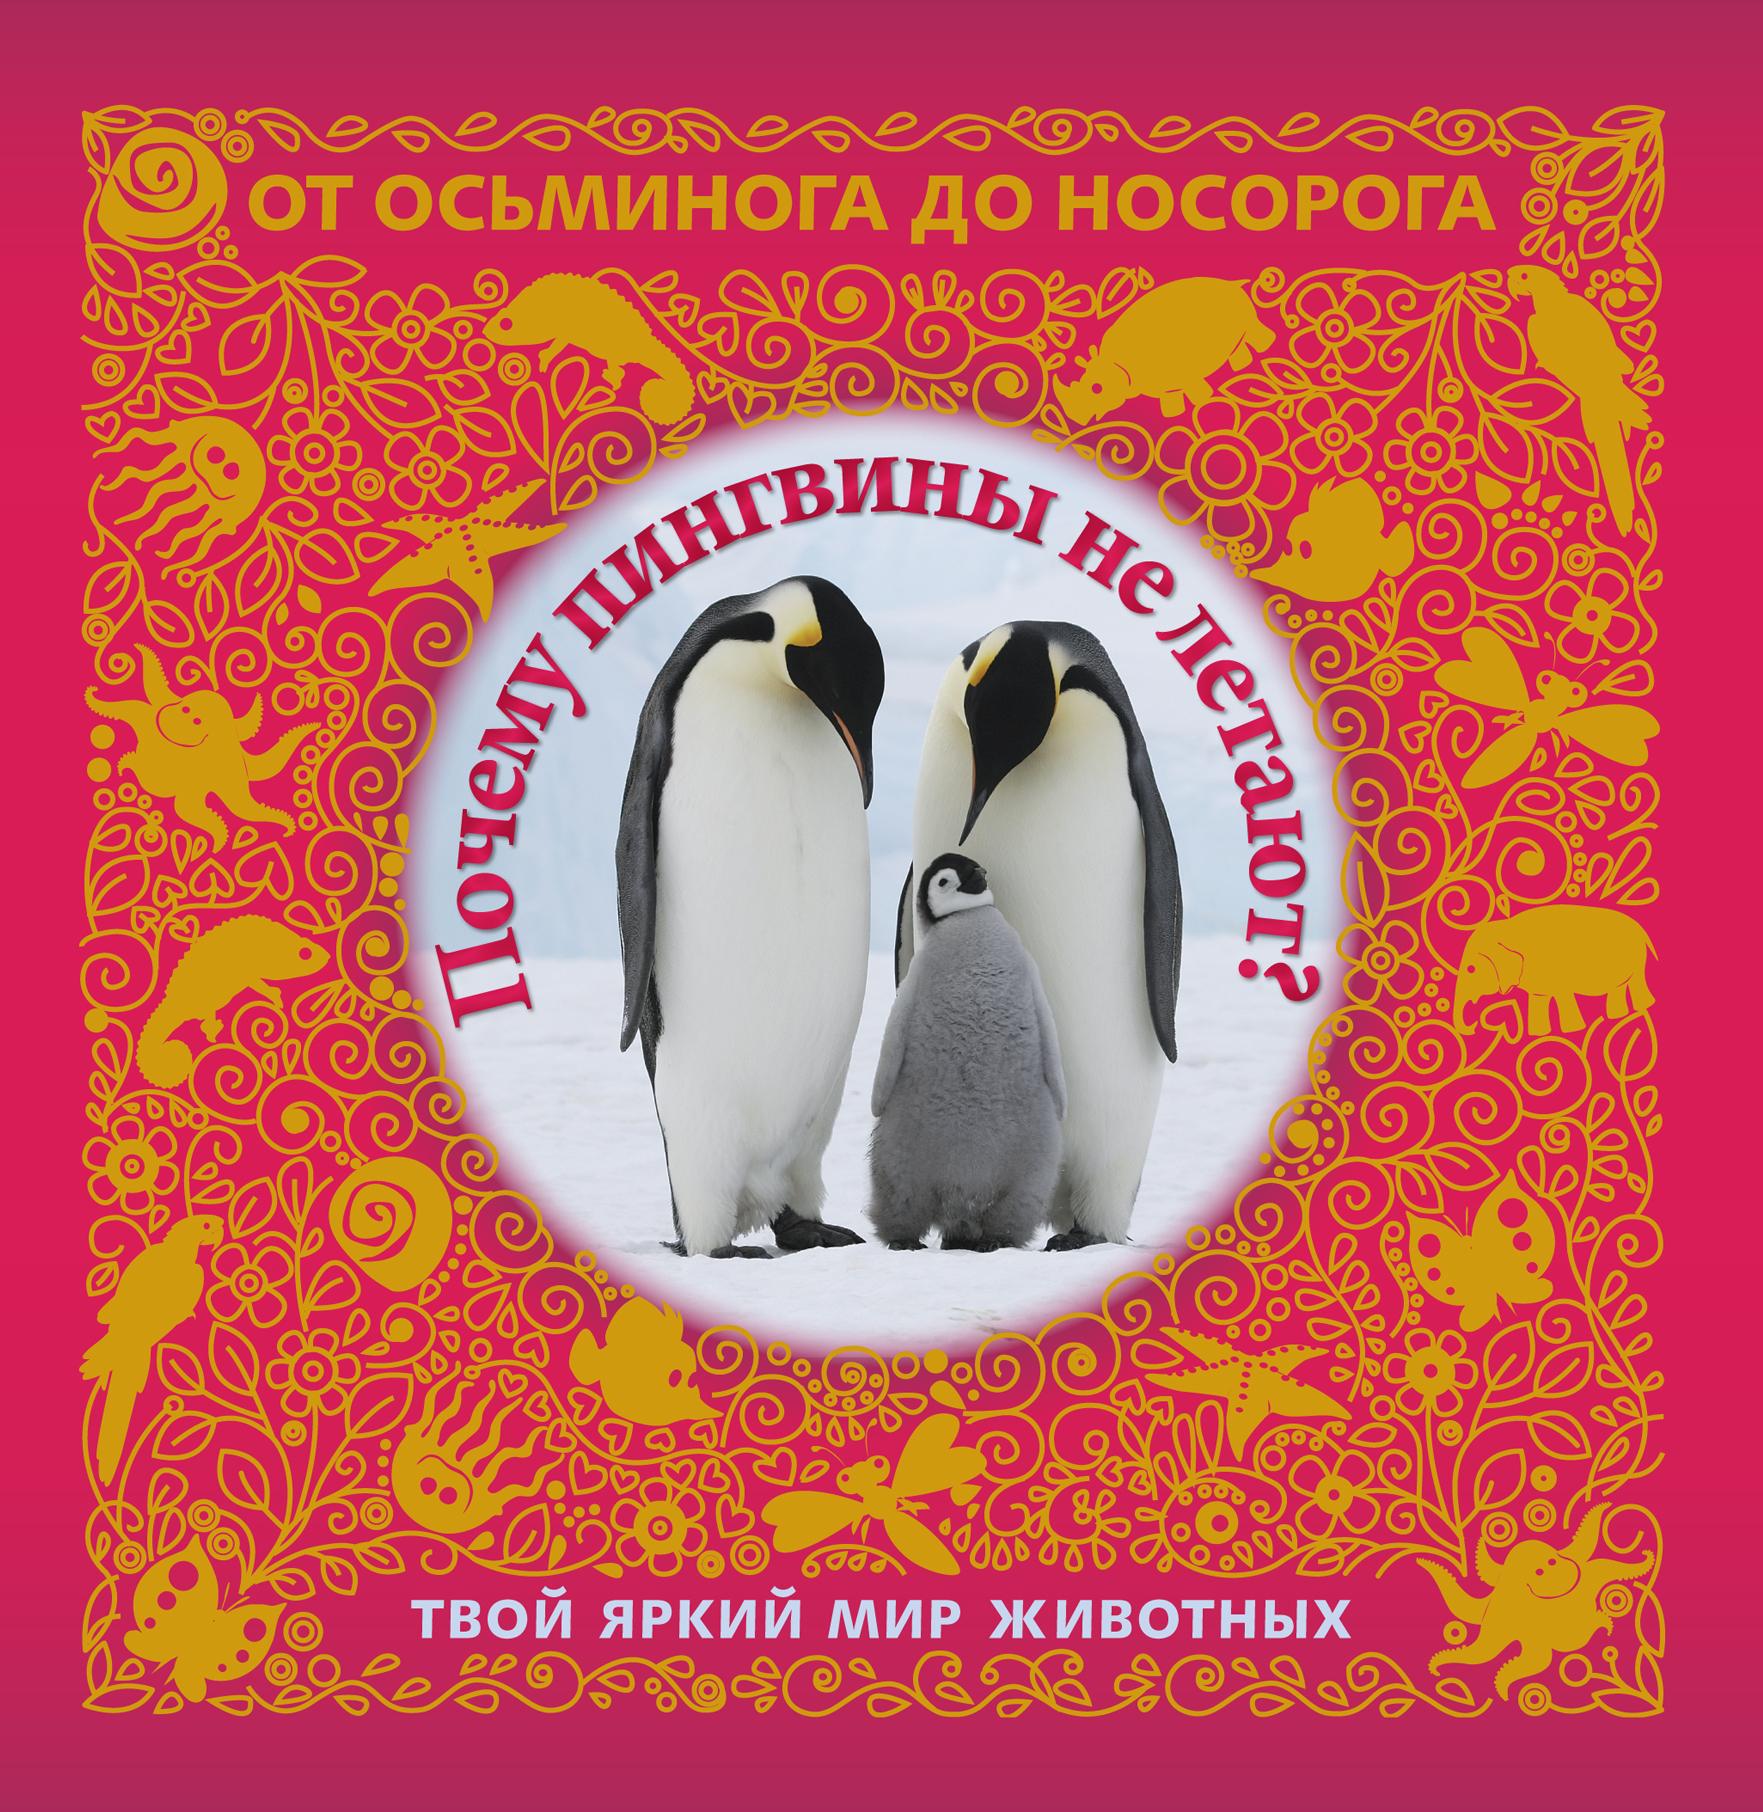 5+ Почему пингвины не летают? Твой яркий мир животных